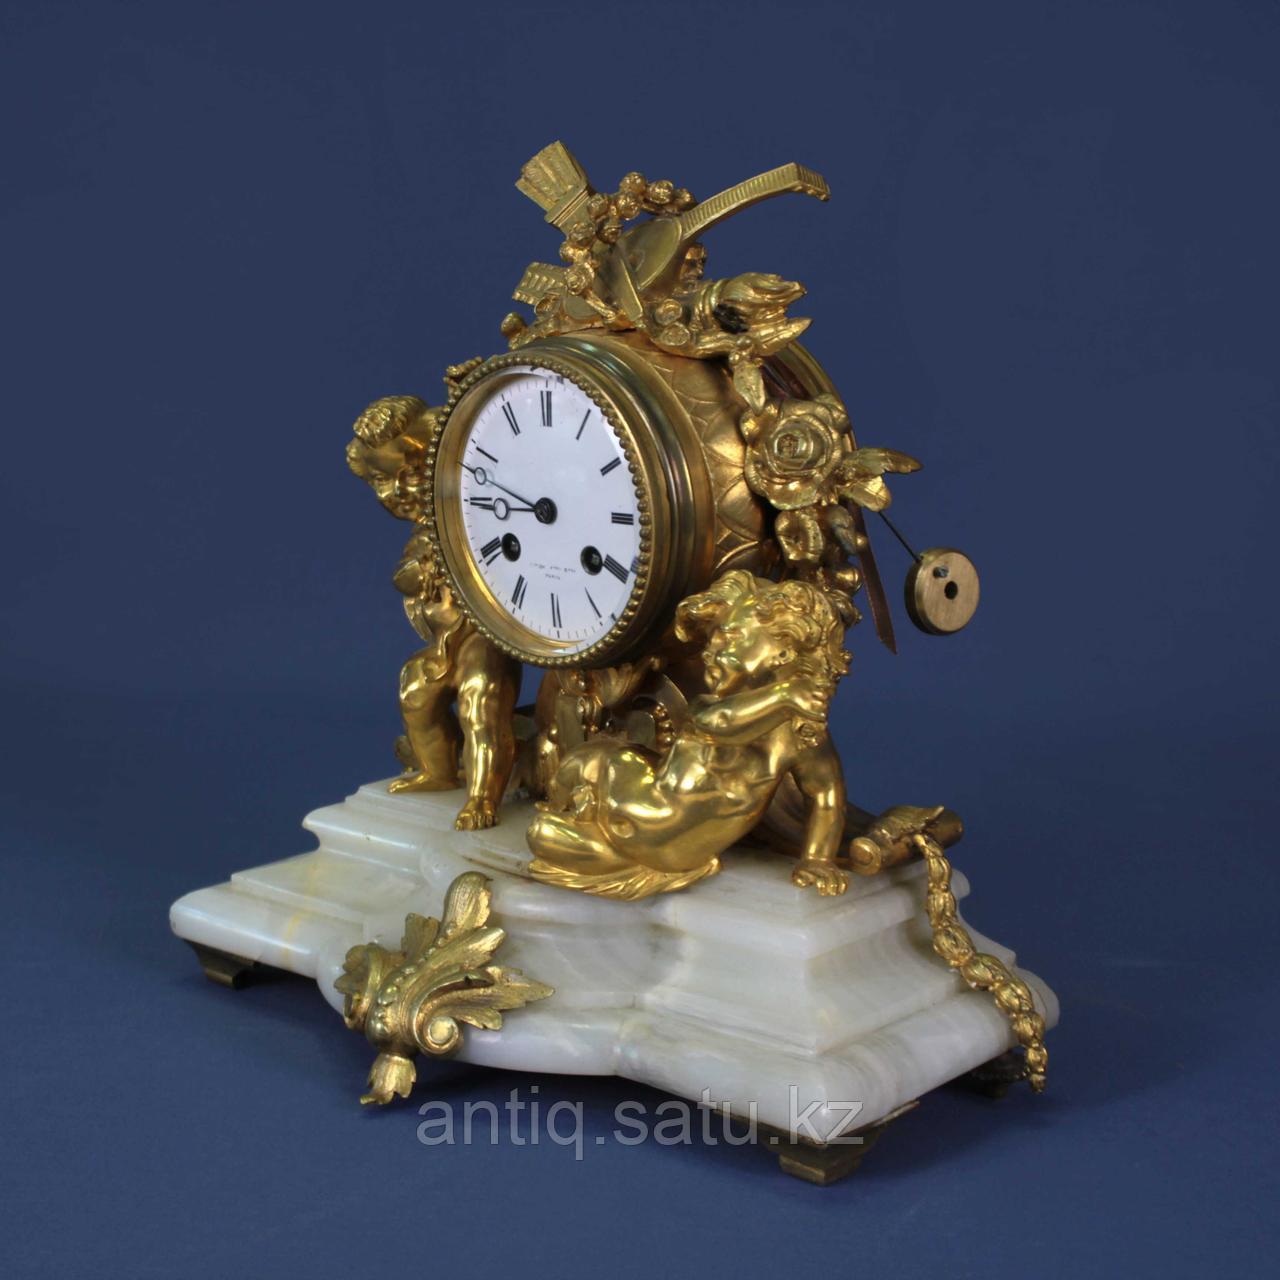 Каминные часы в стиле Людовика XVI. Часовая мастерская Miroy Freres - фото 2